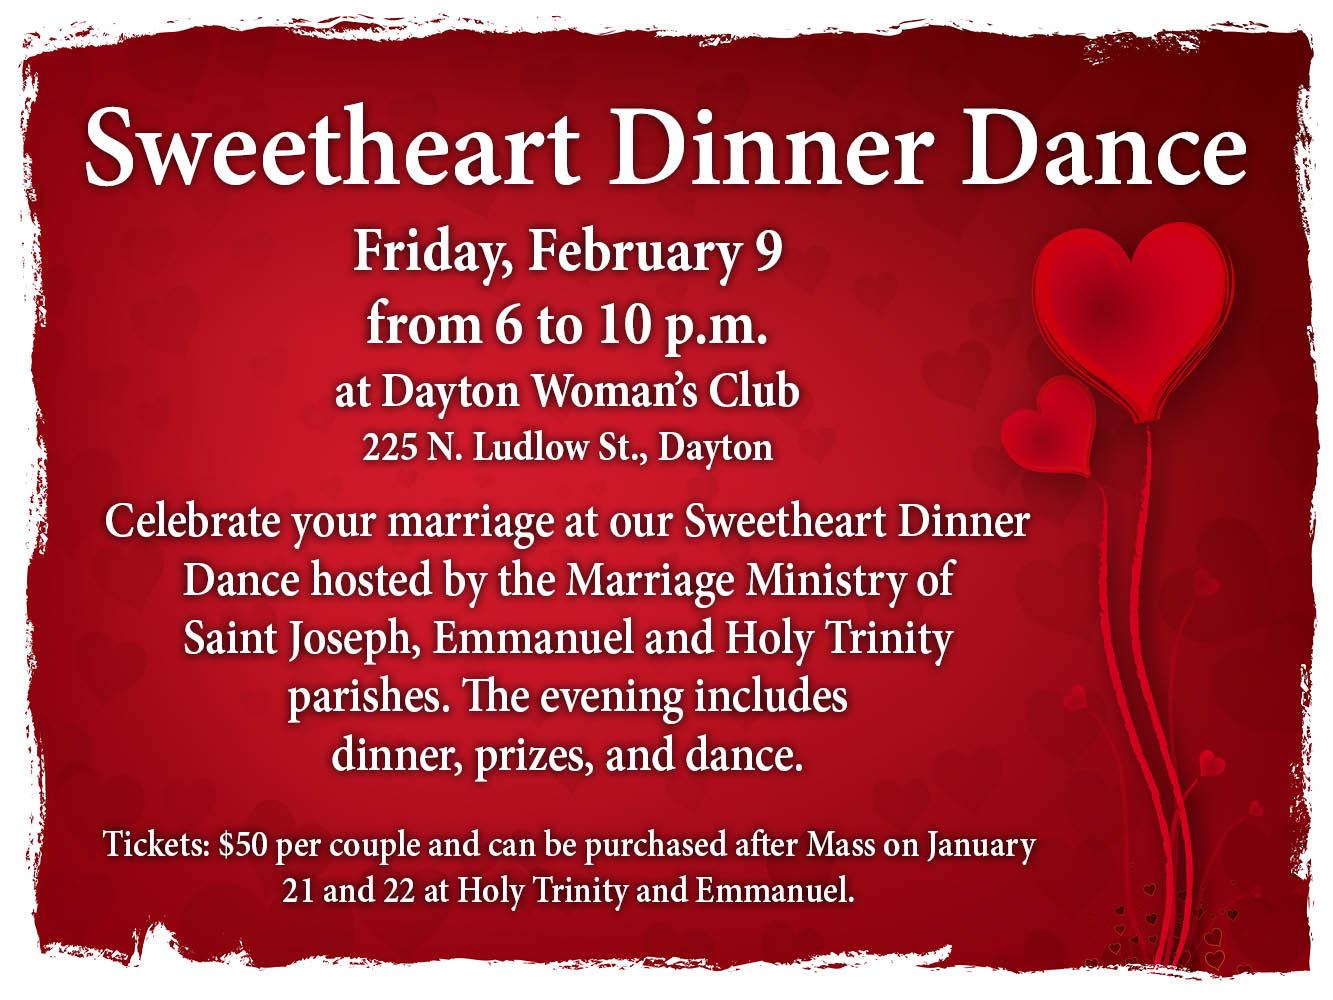 Sweetheart dinner 2018